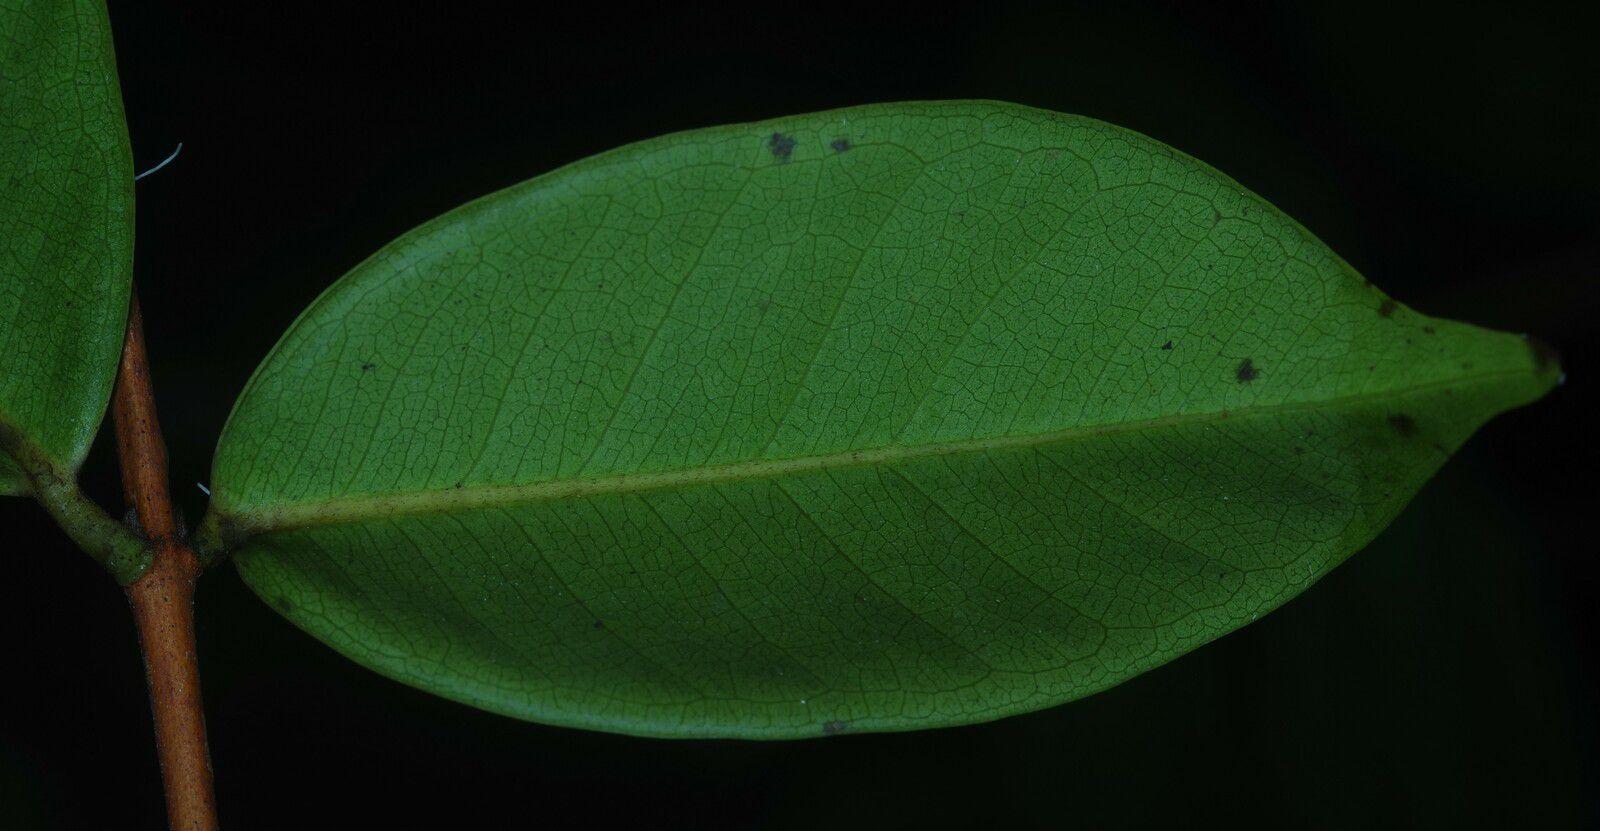 Myrcia pyrifolia